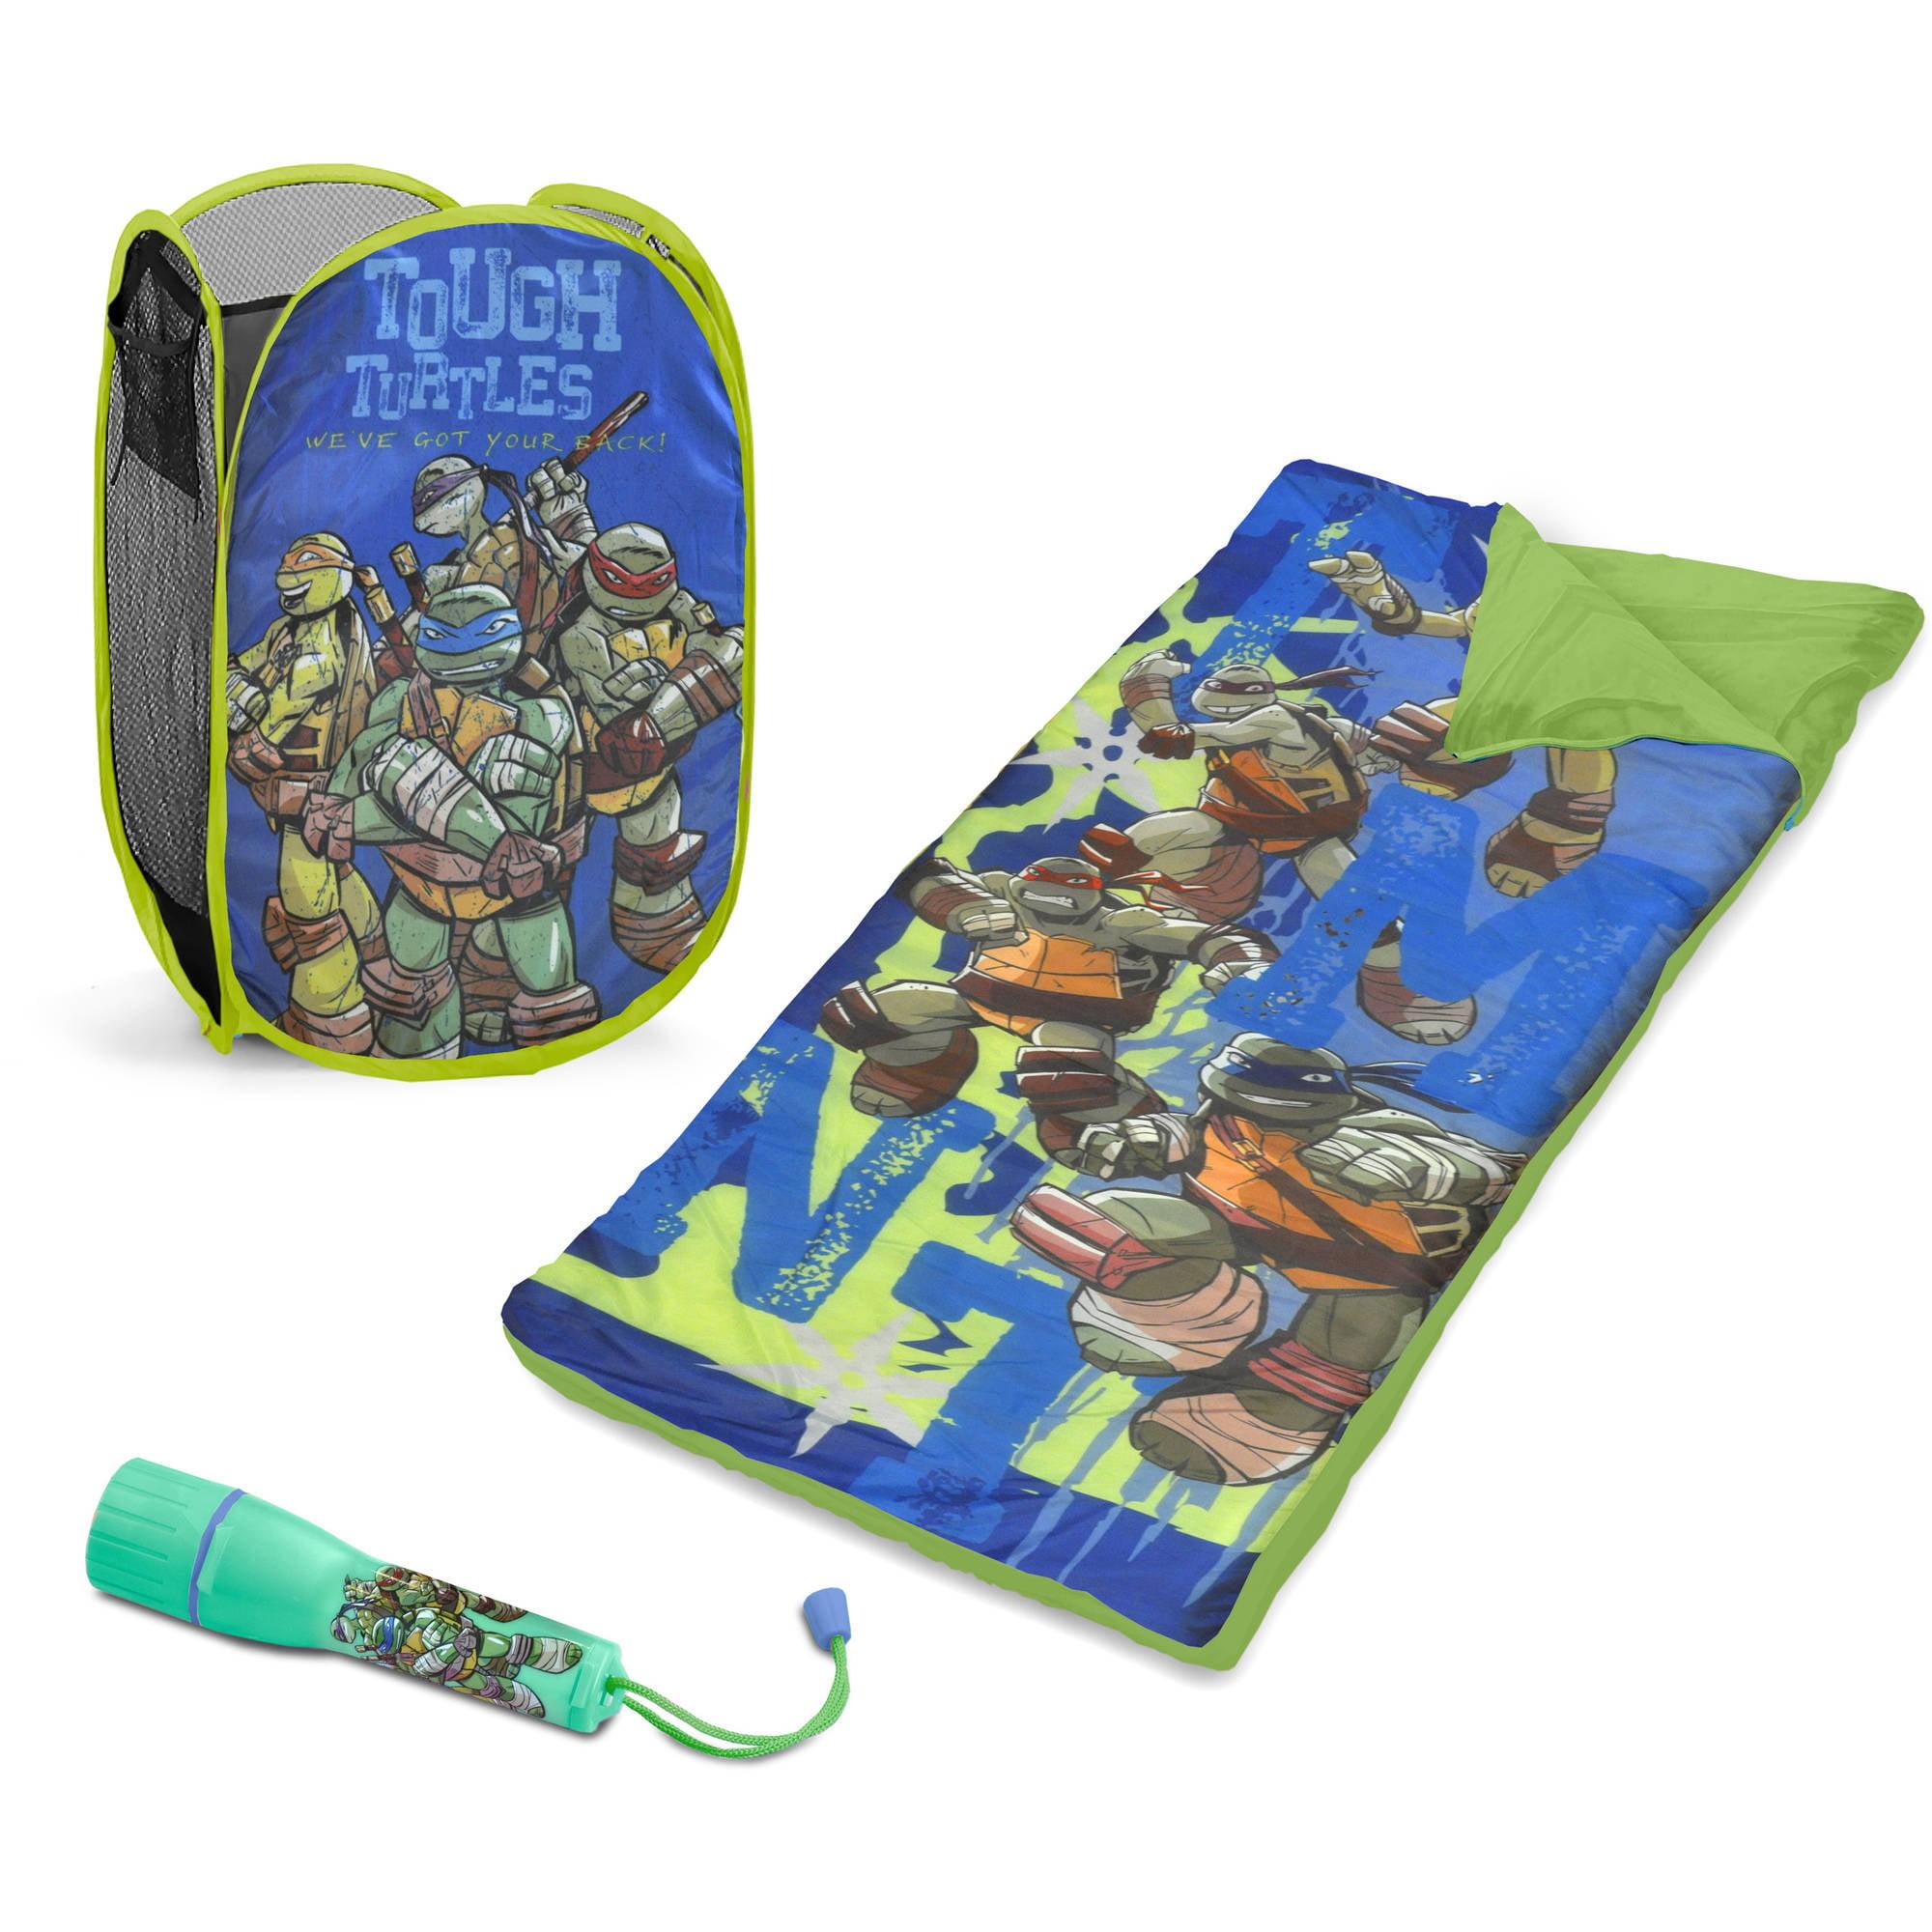 Nickelodeon Ninja Turtles Sleepover Set with BONUS Hamper